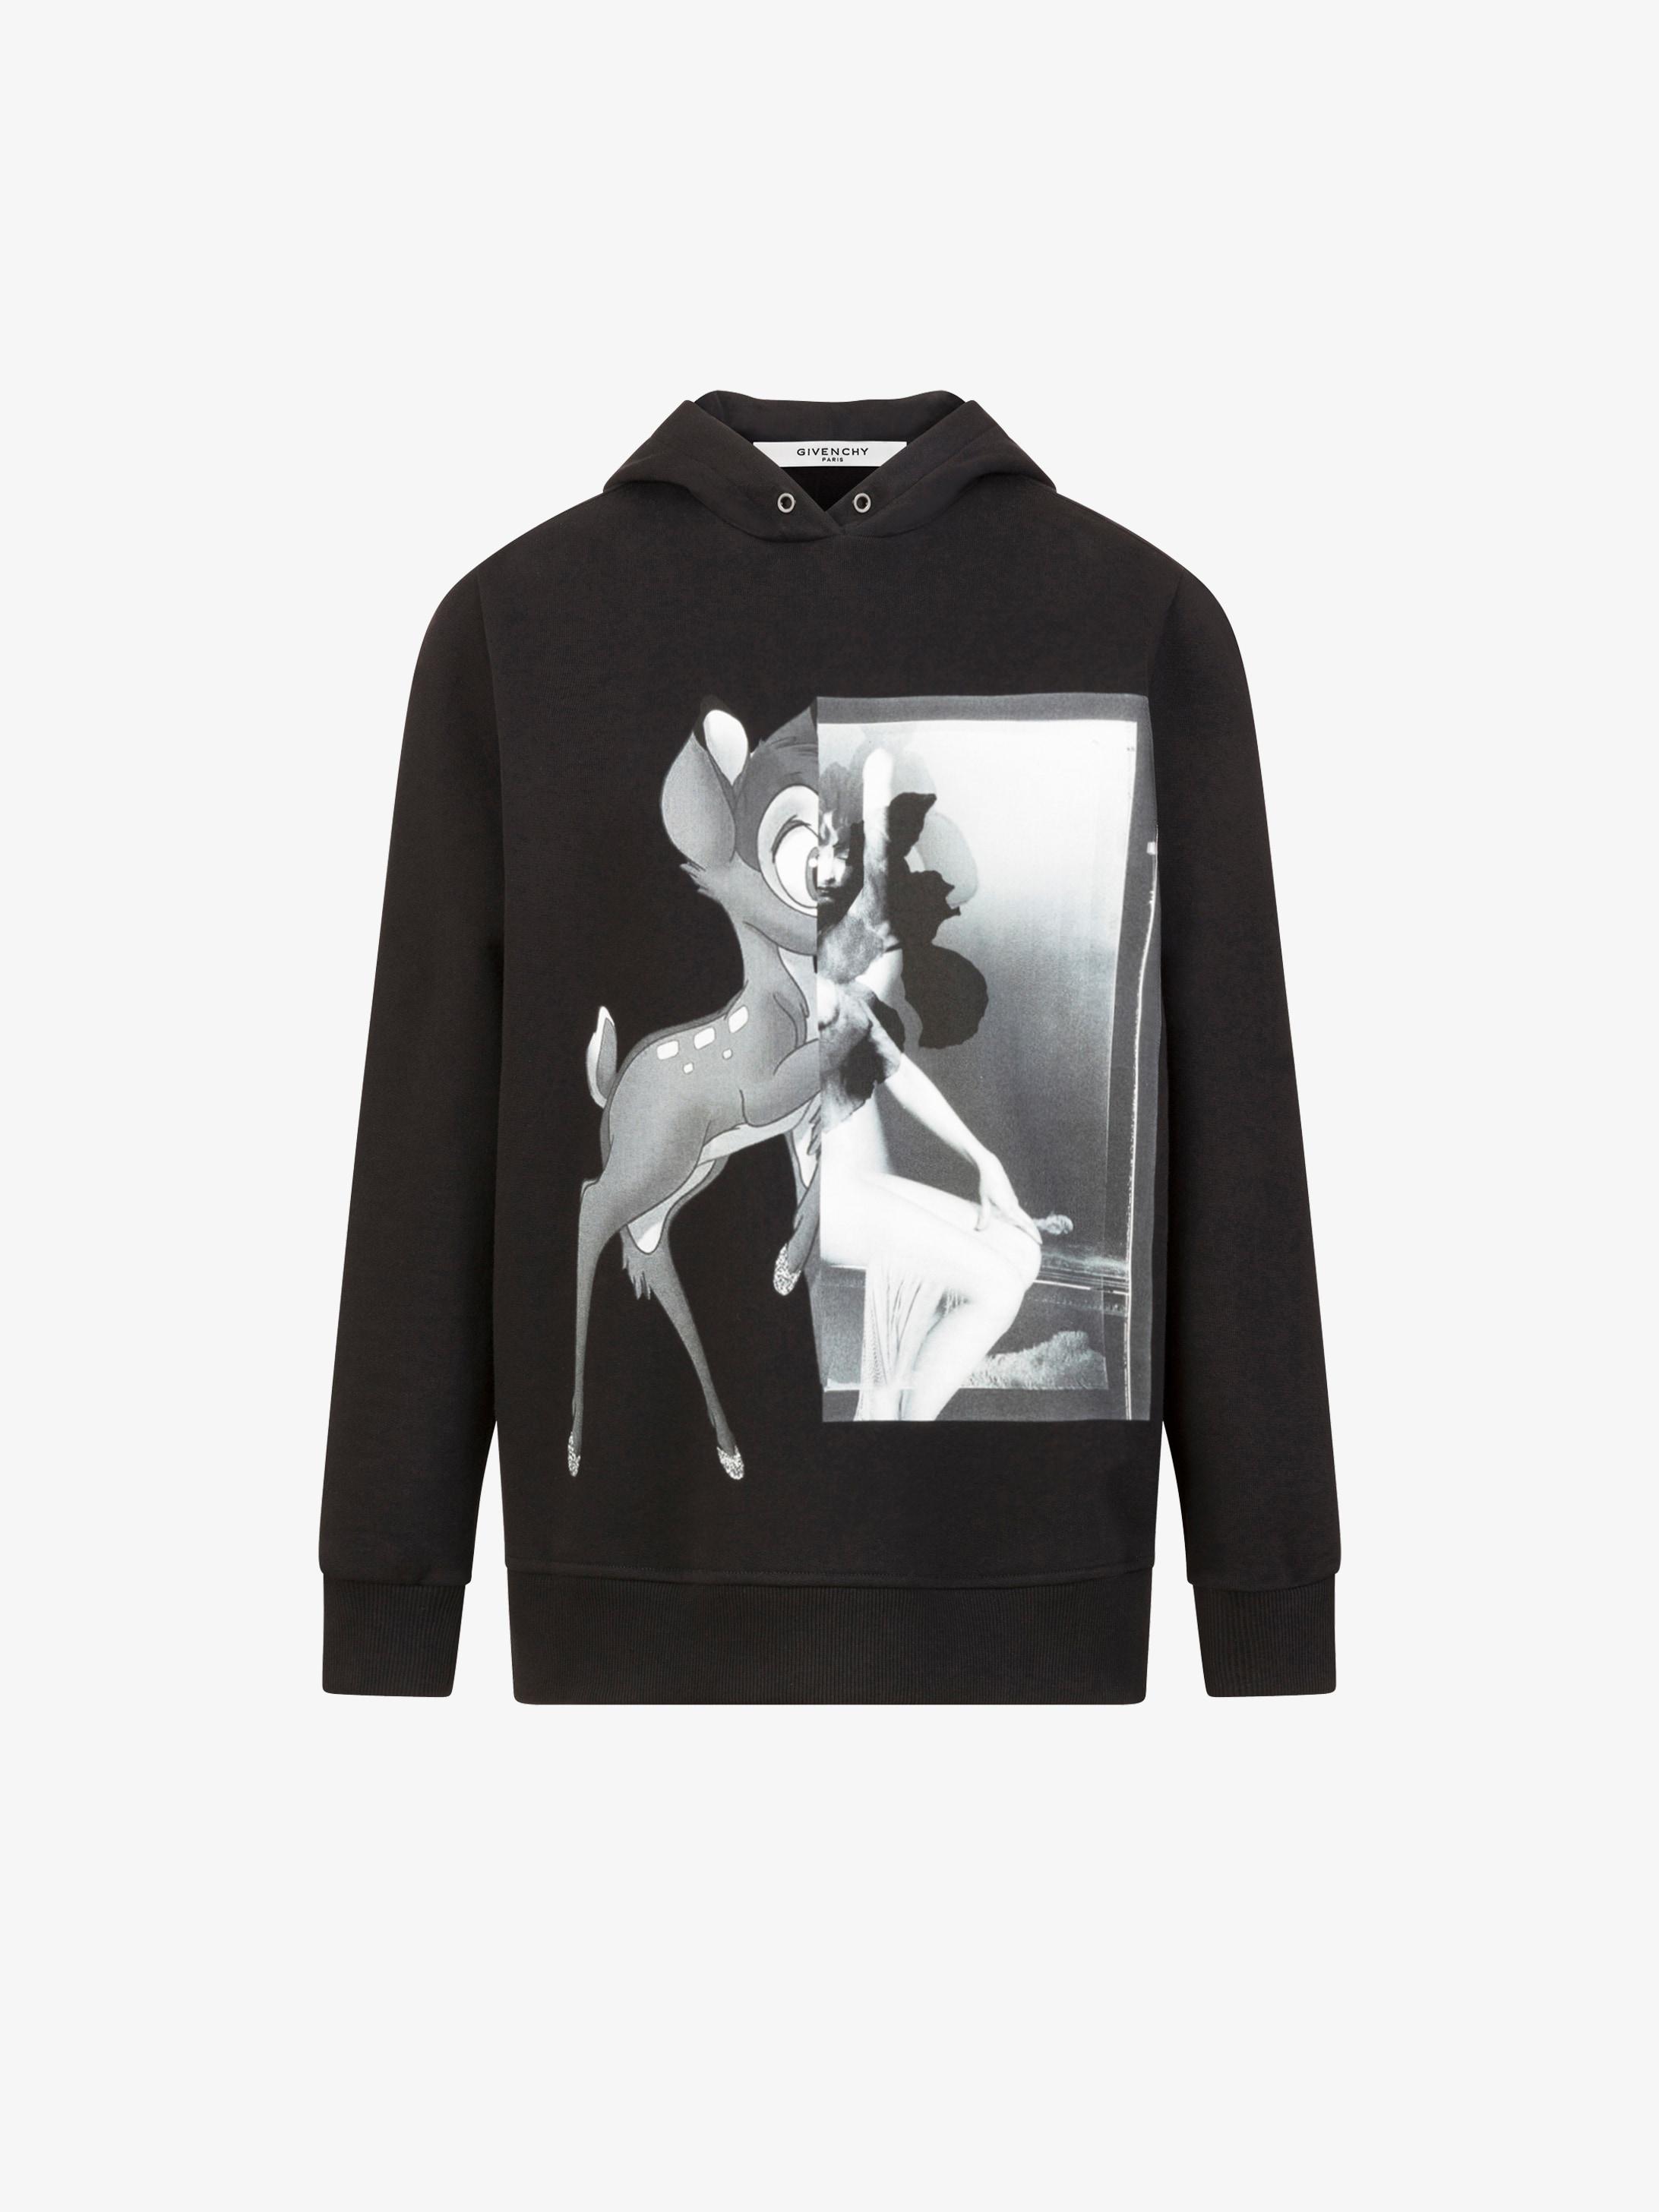 b87652c2a42f Givenchy Bambi printed sweatshirt | GIVENCHY Paris